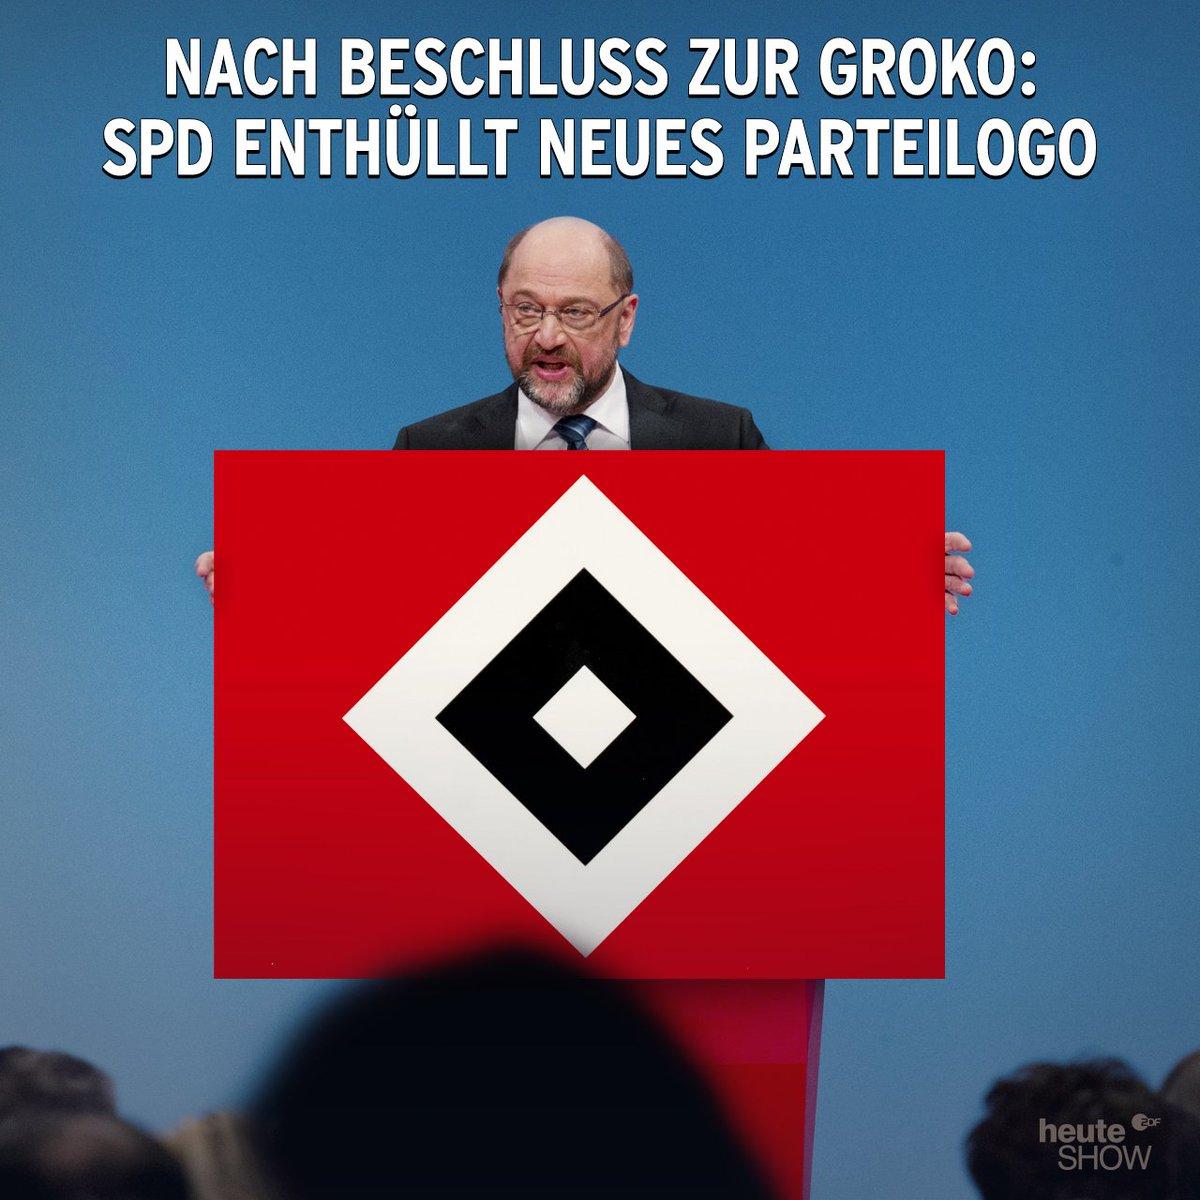 Nur der SPD! #spdbpt18 #Hollerbach https...